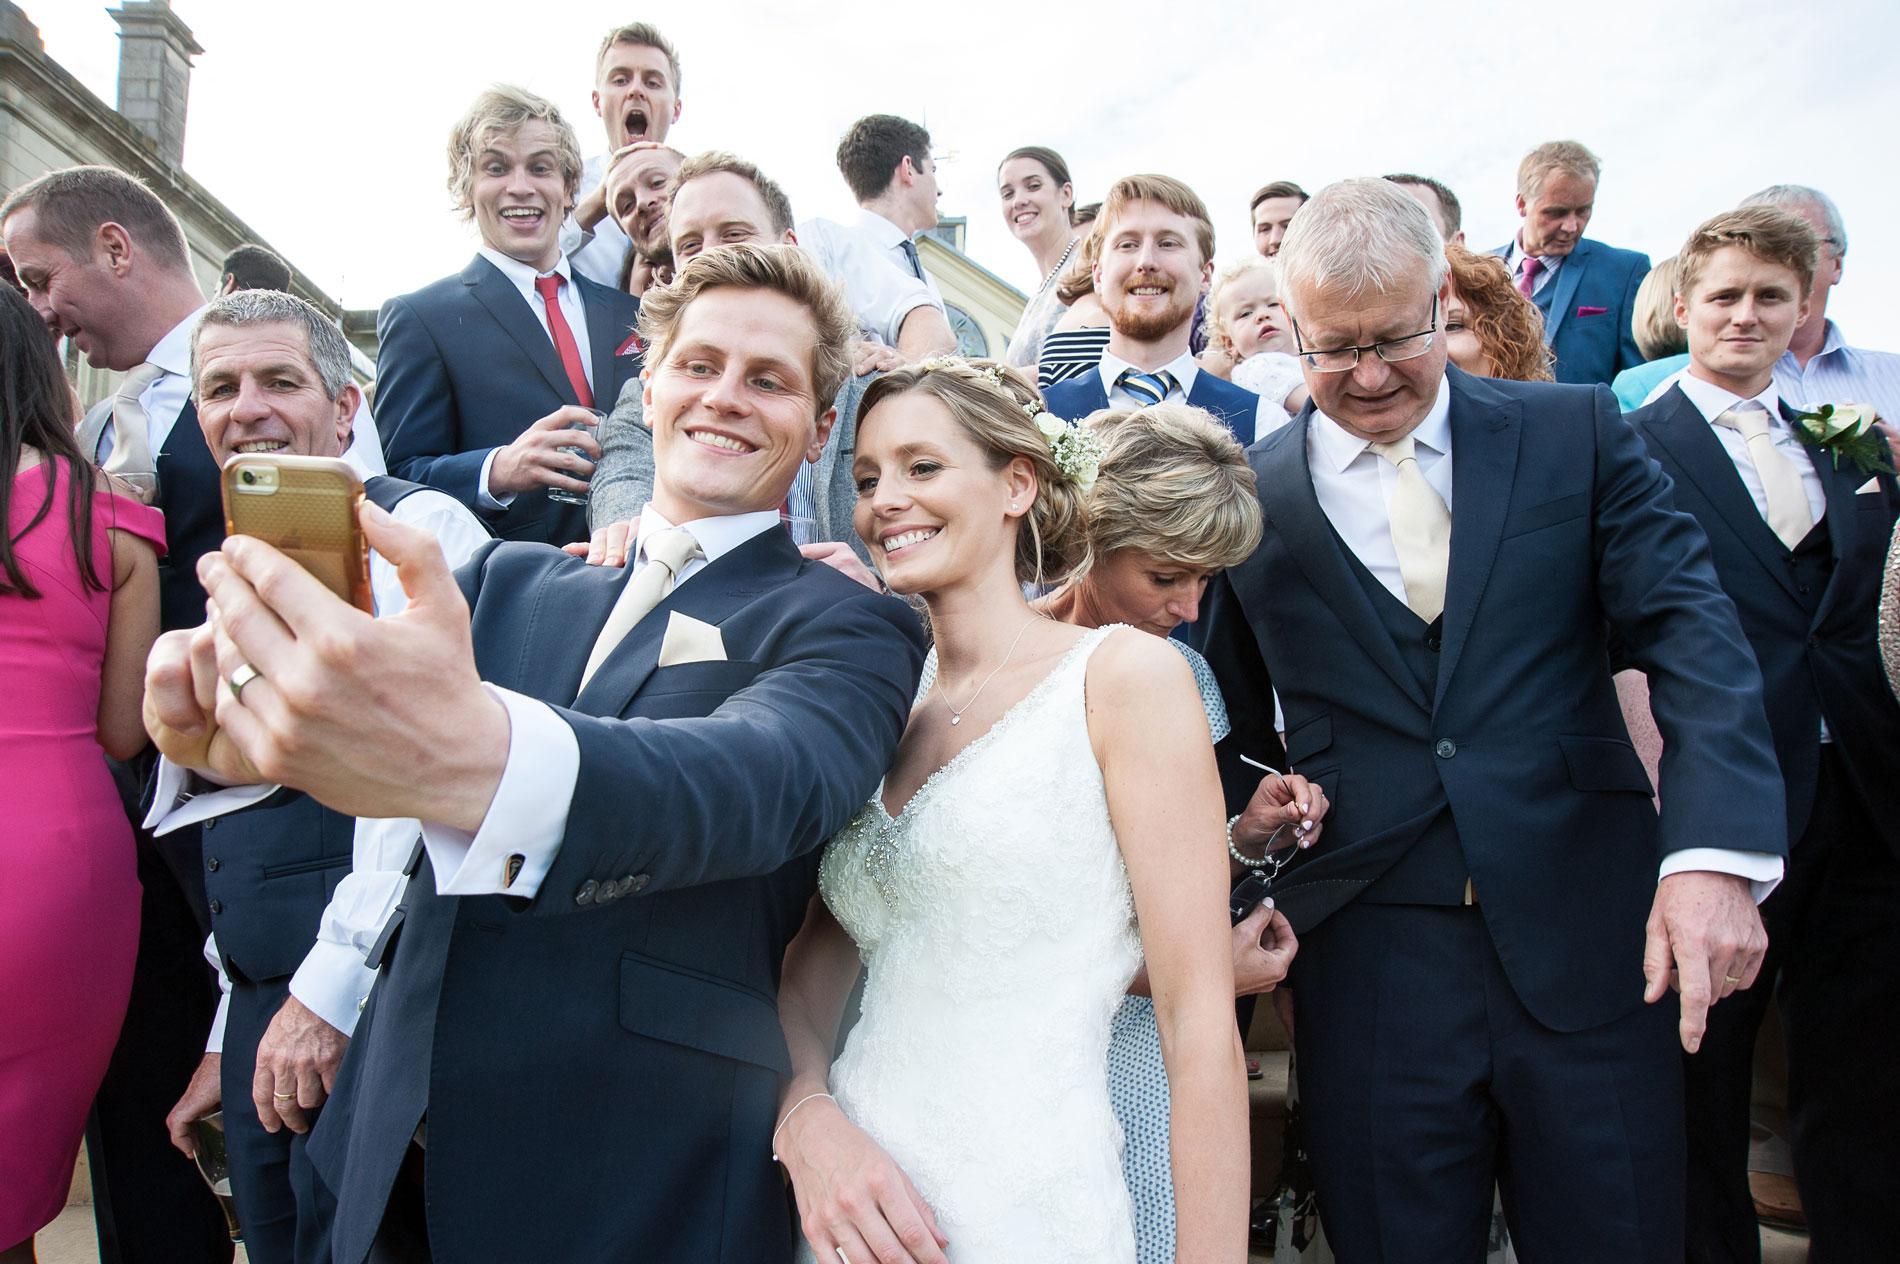 Kilworth-weddings-_55.jpg